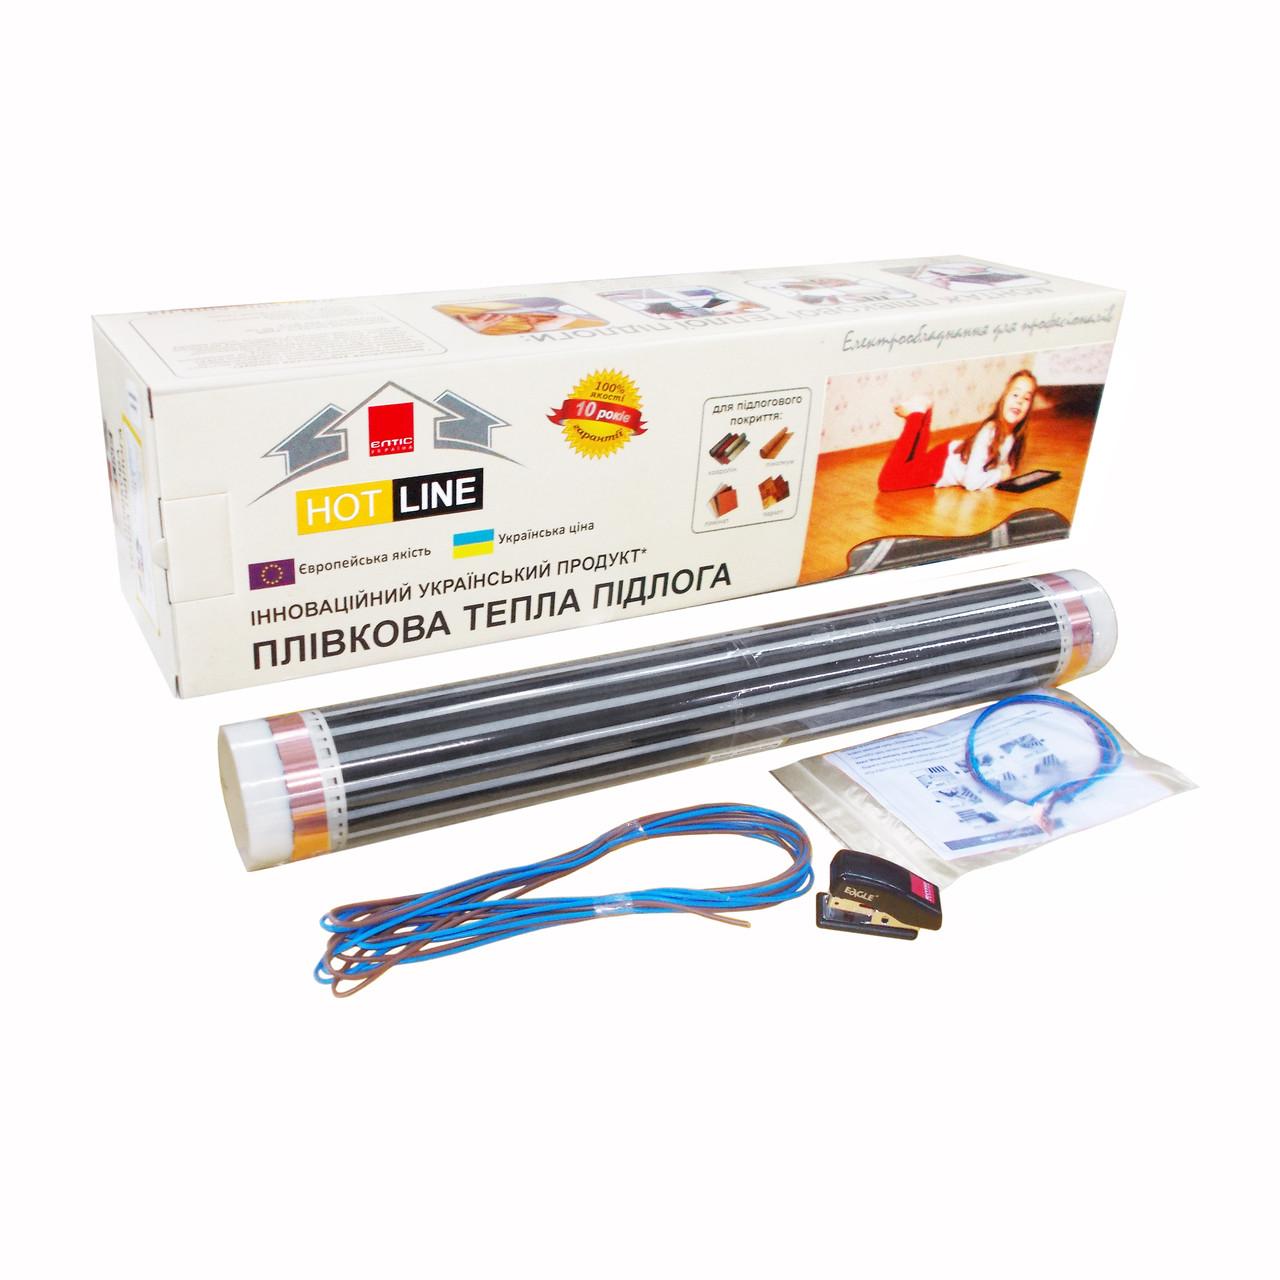 Пленочный пол HOT LINE ПП-15 (0,5х30м) Элтис Украина, фото 1